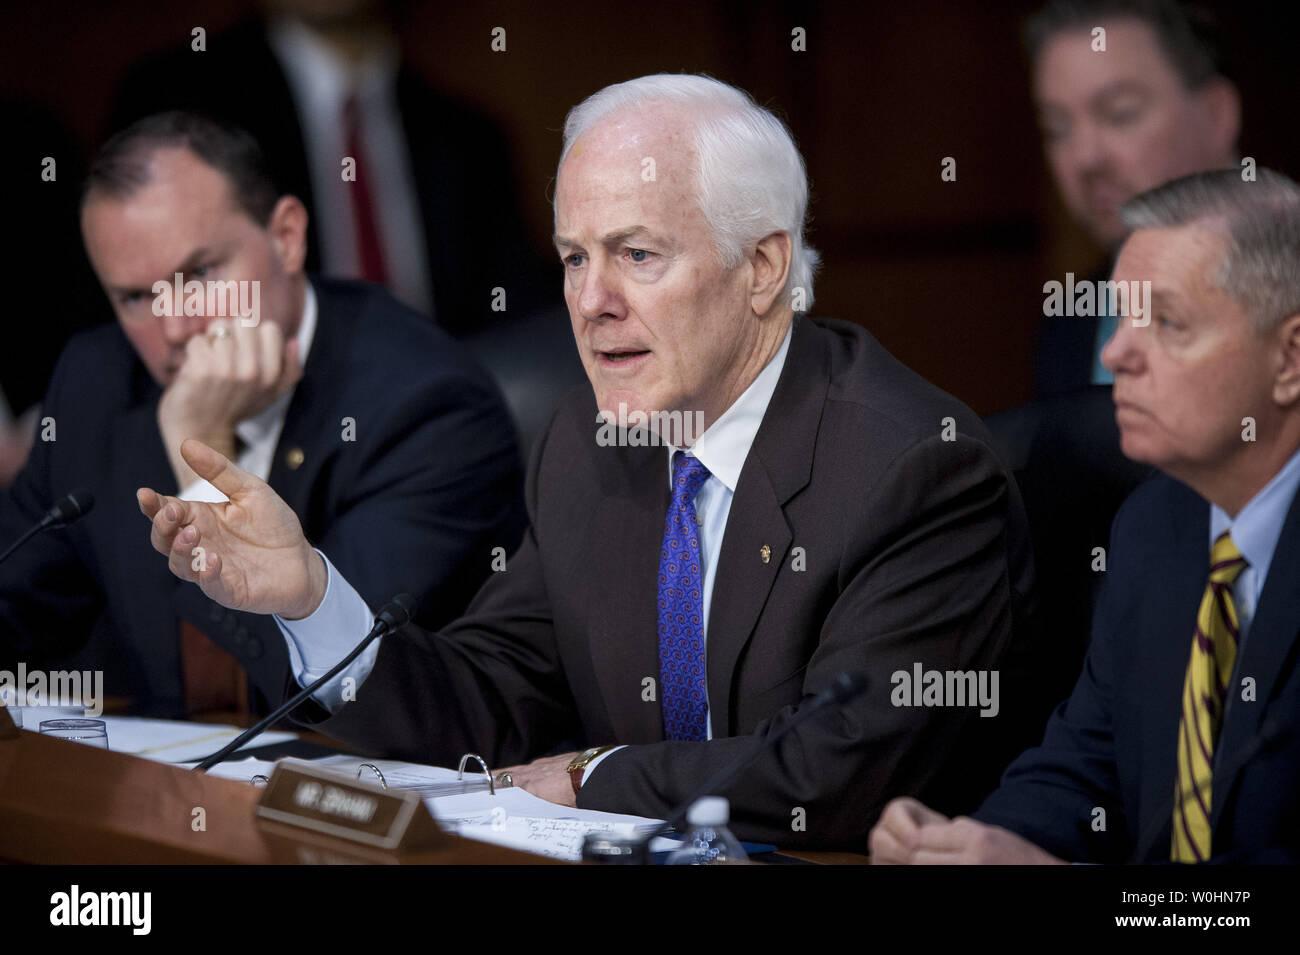 Senator John Cornyn (R-TX) questions Loretta Lynch, United